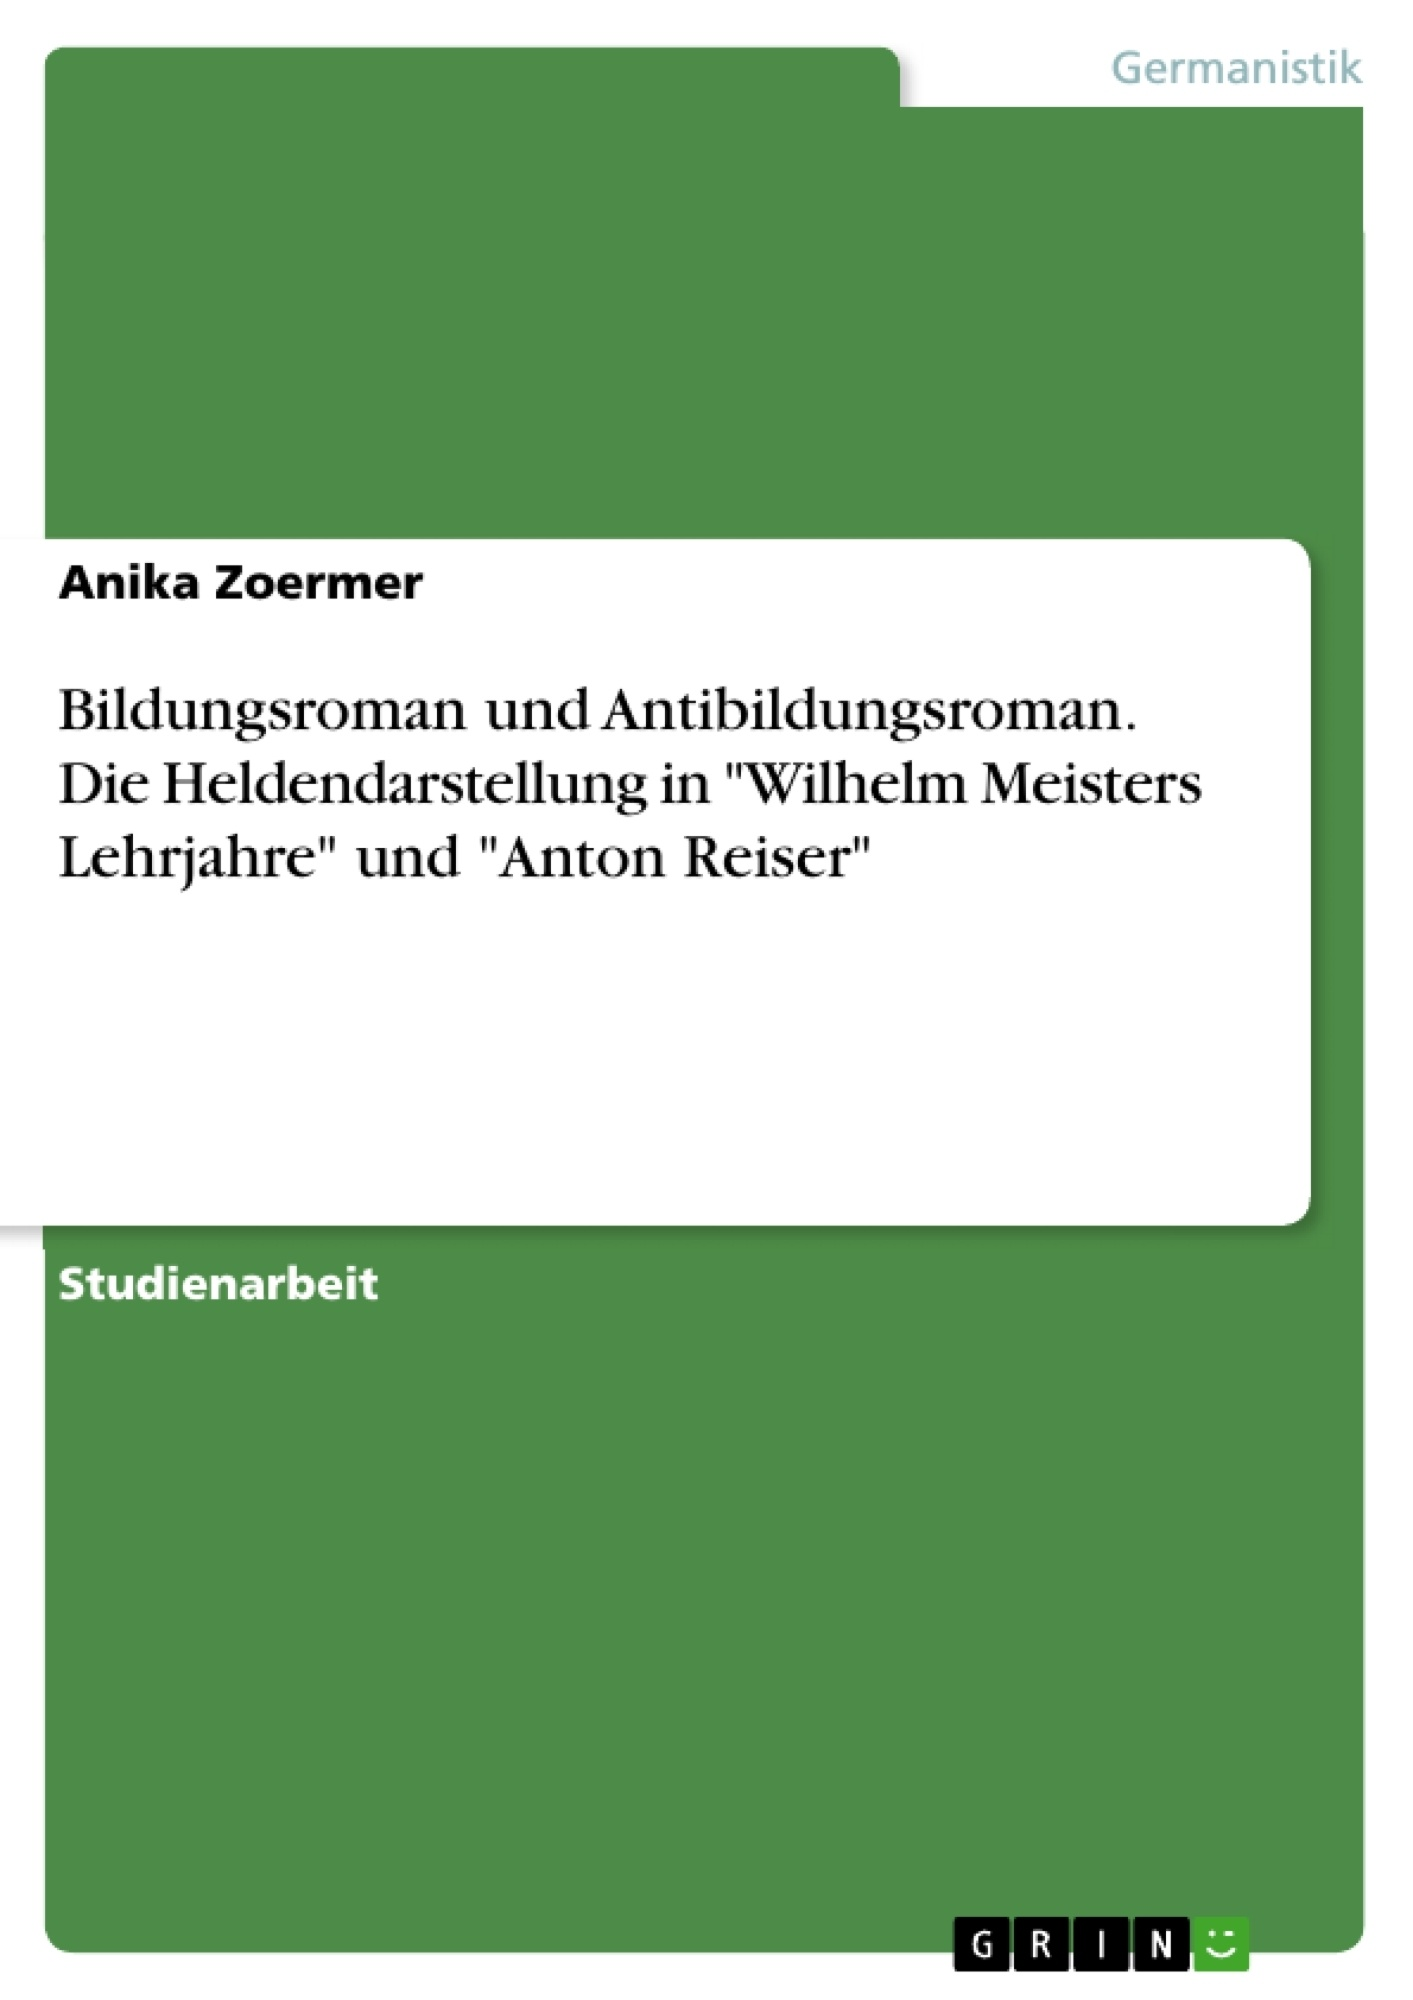 """Titel: Bildungsroman und Antibildungsroman. Die Heldendarstellung in """"Wilhelm Meisters Lehrjahre"""" und """"Anton Reiser"""""""